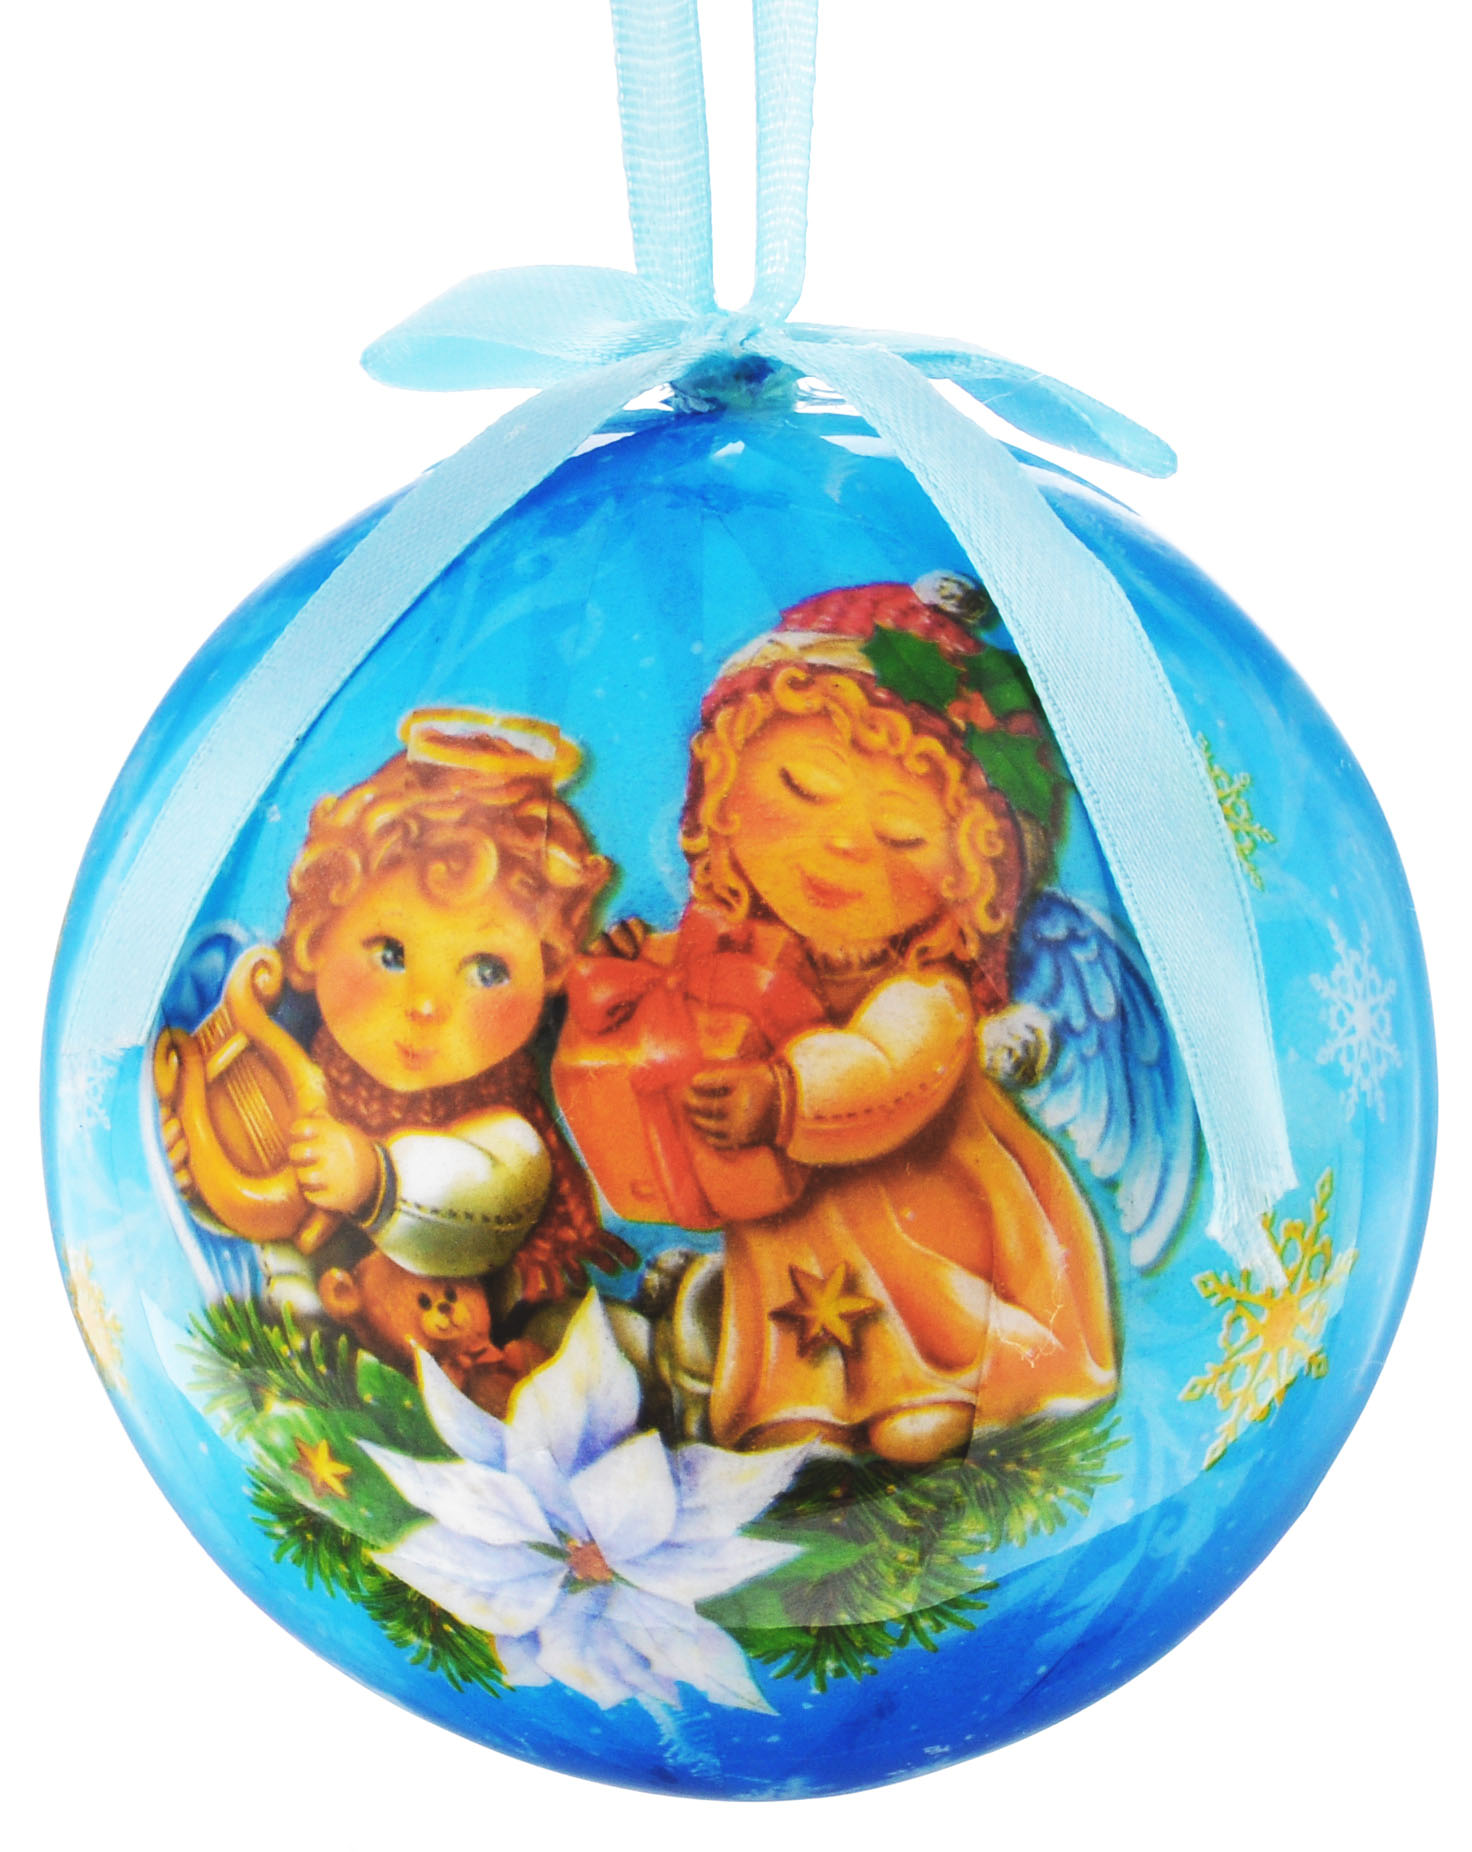 Новогоднее подвесное украшение Sima-land Шар. Гармонии и счастья, диаметр 10 см1099615Новогоднее подвесное украшение Sima-land Шар. Гармонии и счастья выполнено из пенопласта, оформлено изображением ангелочков и надписью Гармонии и счастья. С помощью специальной петельки украшение можно повесить в любом понравившемся вам месте. Но, конечно, удачнее всего оно будет смотреться на праздничной елке.Елочная игрушка - символ Нового года. Она несет в себе волшебство и красоту праздника. Создайте в своем доме атмосферу веселья и радости, украшая новогоднюю елку нарядными игрушками, которые будут из года в год накапливать теплоту воспоминаний.